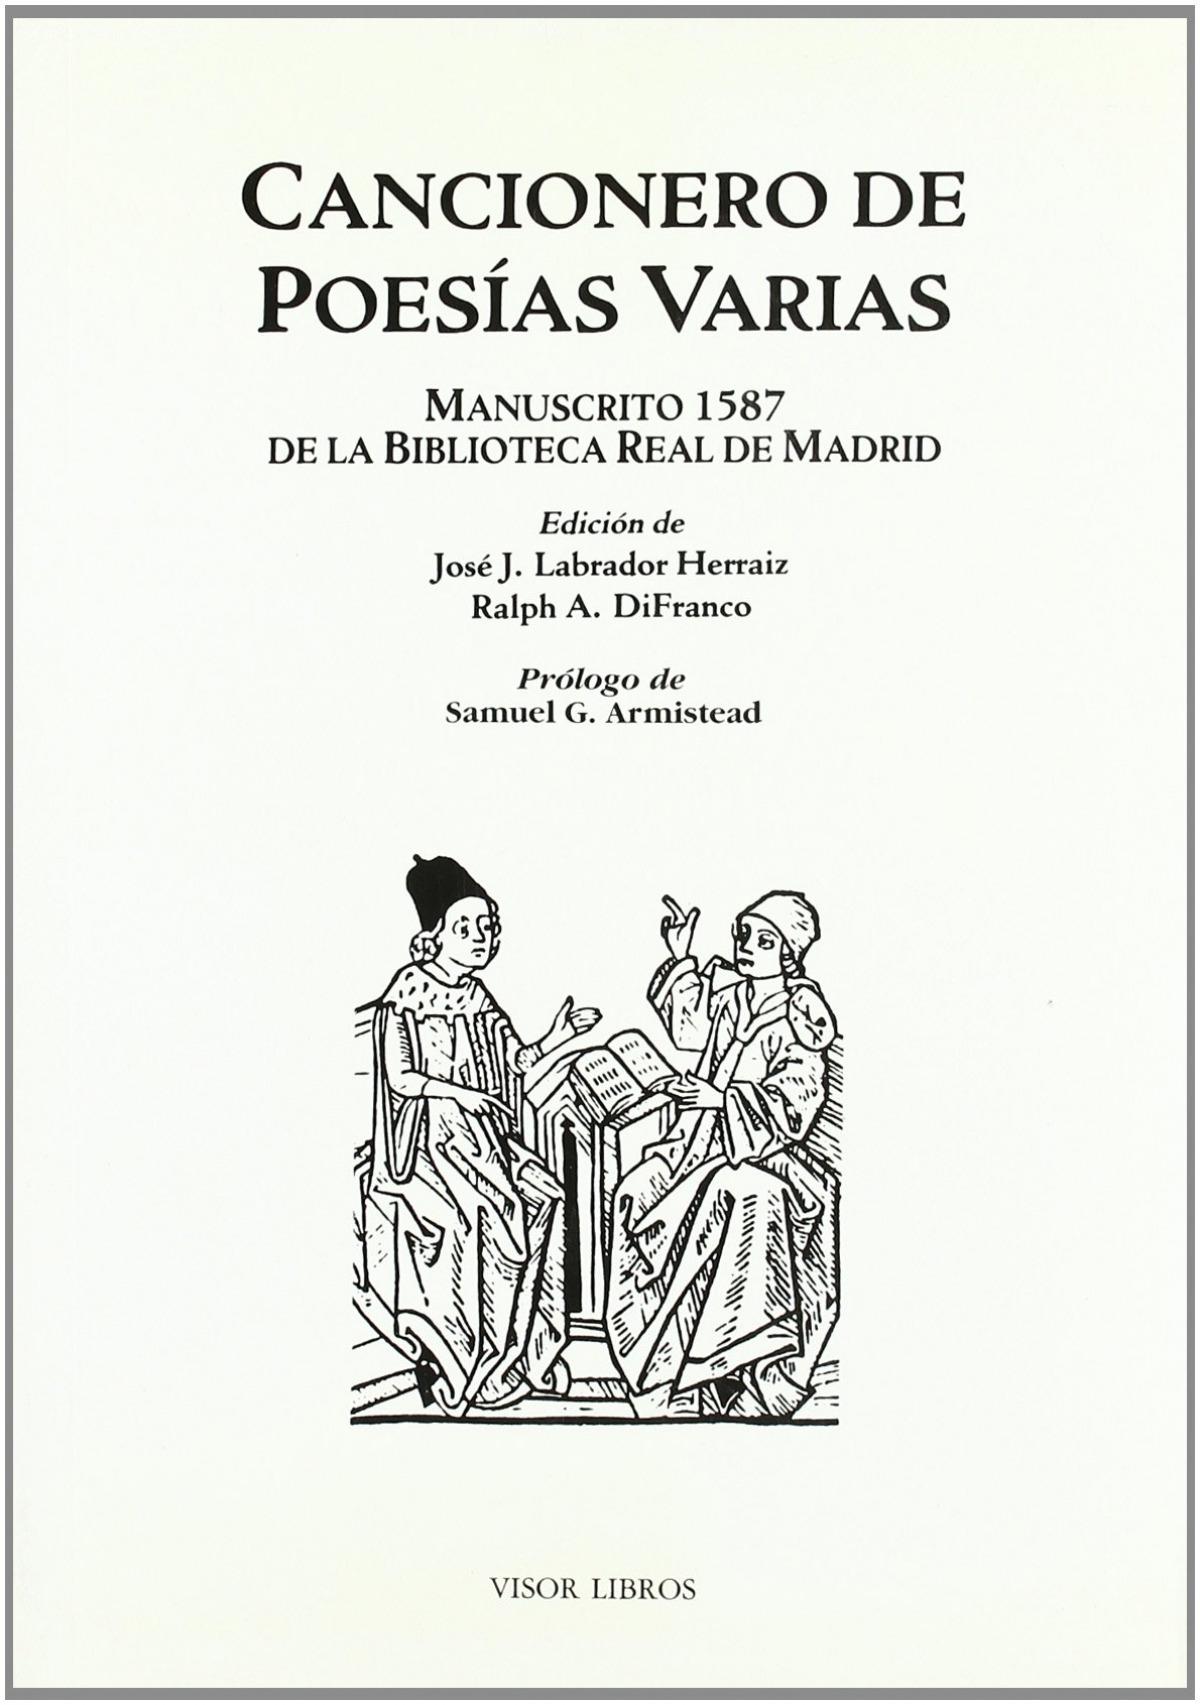 Cancionero de poesías varias manuscrito 1587 de la Biblioteca Real de Madrid - Armistead, Samuel G. / pr.